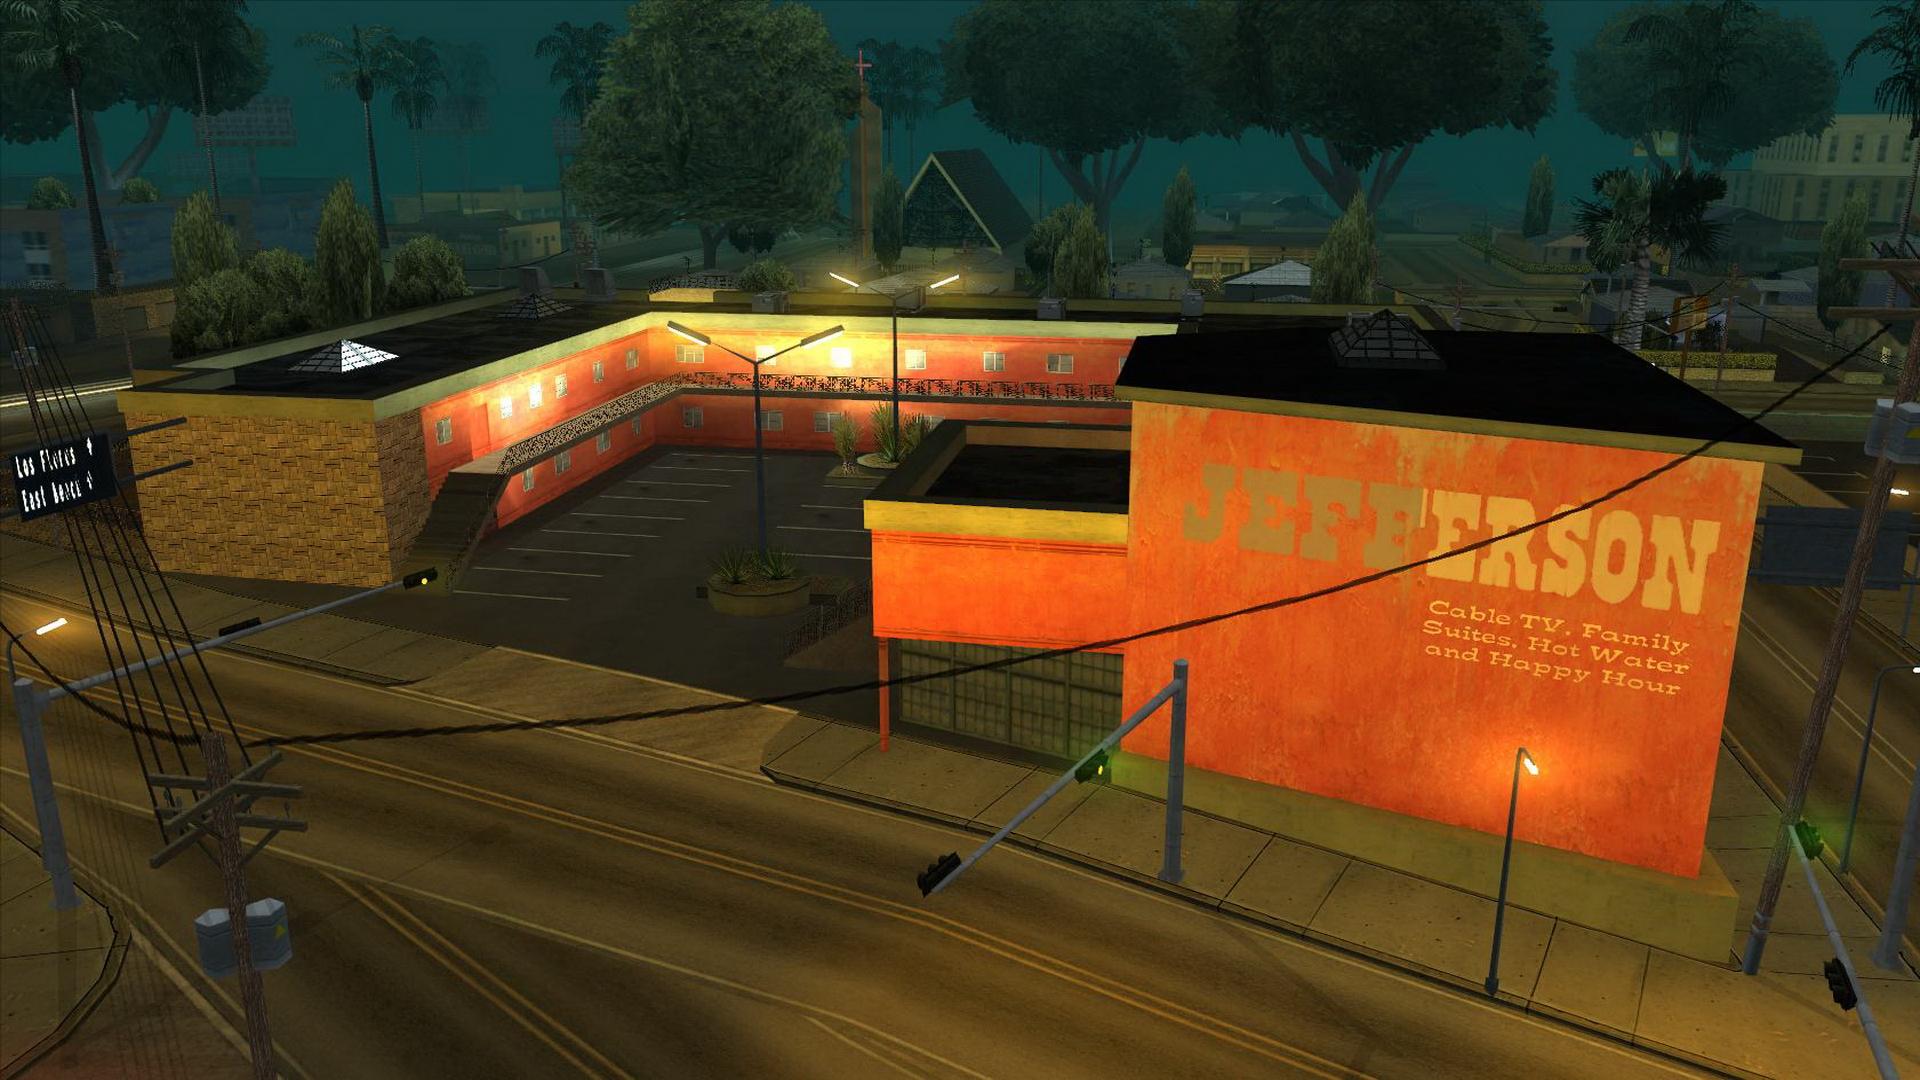 Motel jefferson GTA SA (no son los cuerpos colgados) parte 1